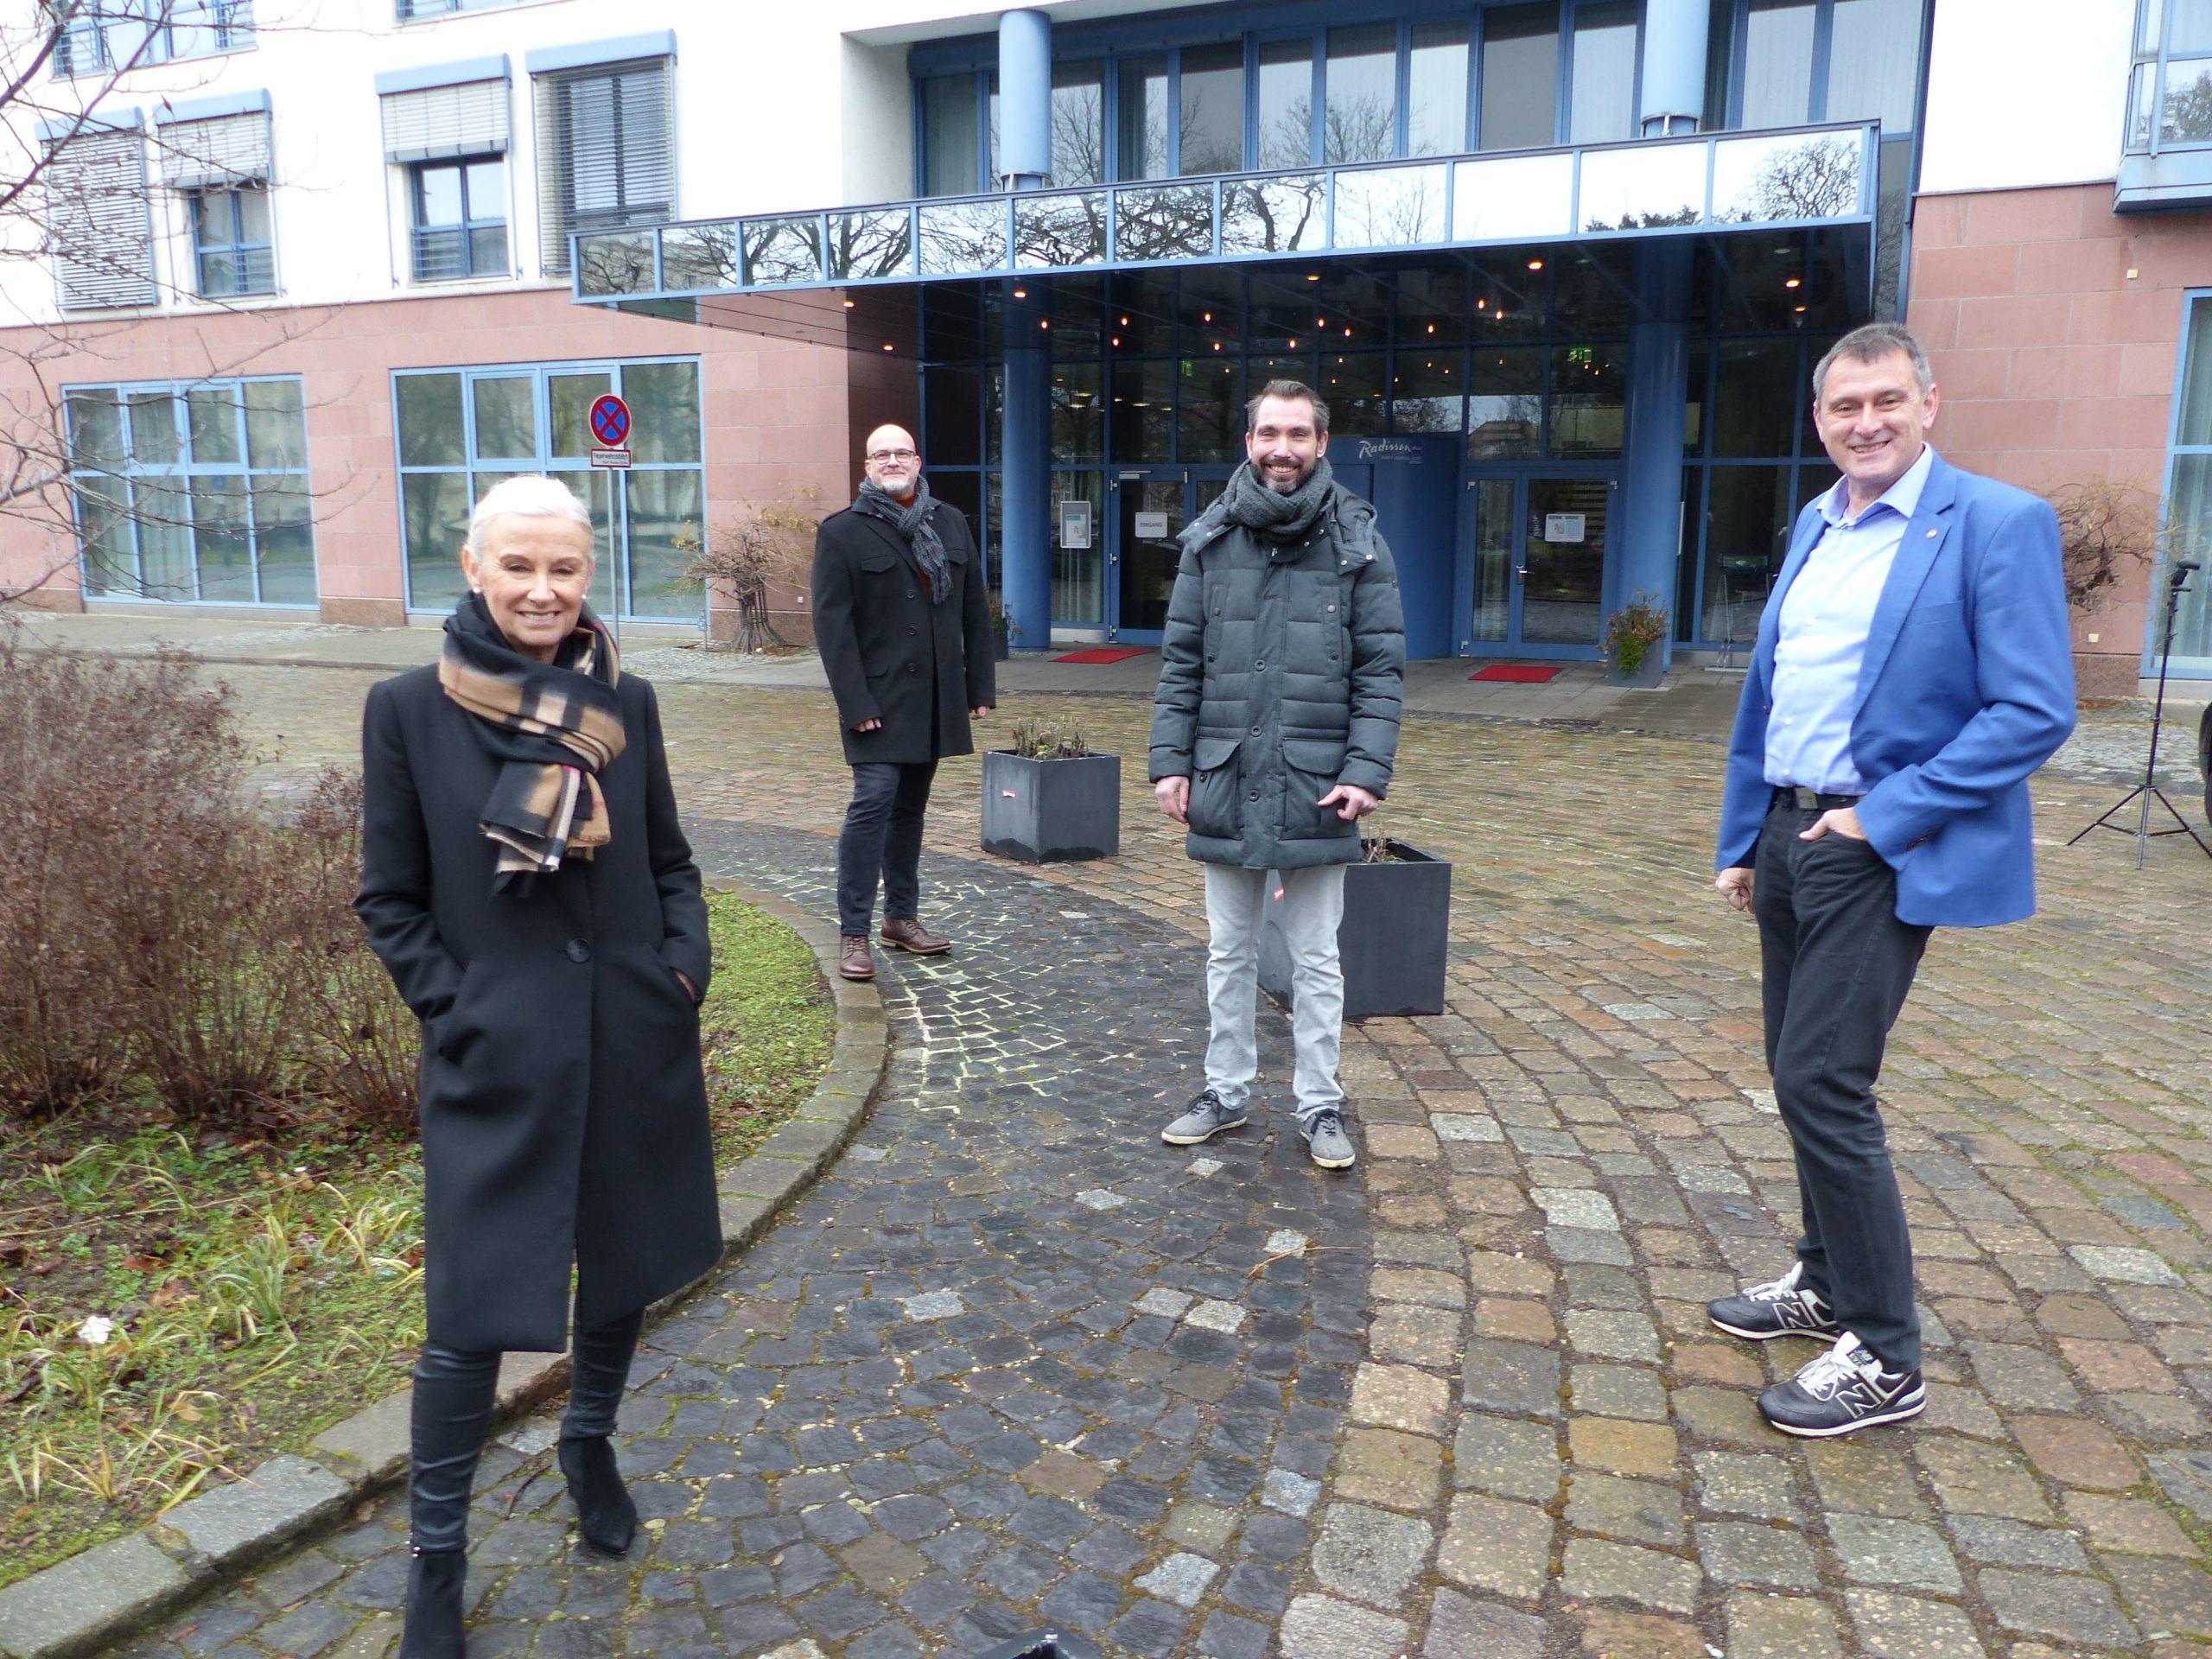 BNI v.l.n.r. Christiane Bünning, Sven Doberitzsch, Hagen Lichey und Jens Fiedler. Bildquelle: meeco Communication Services